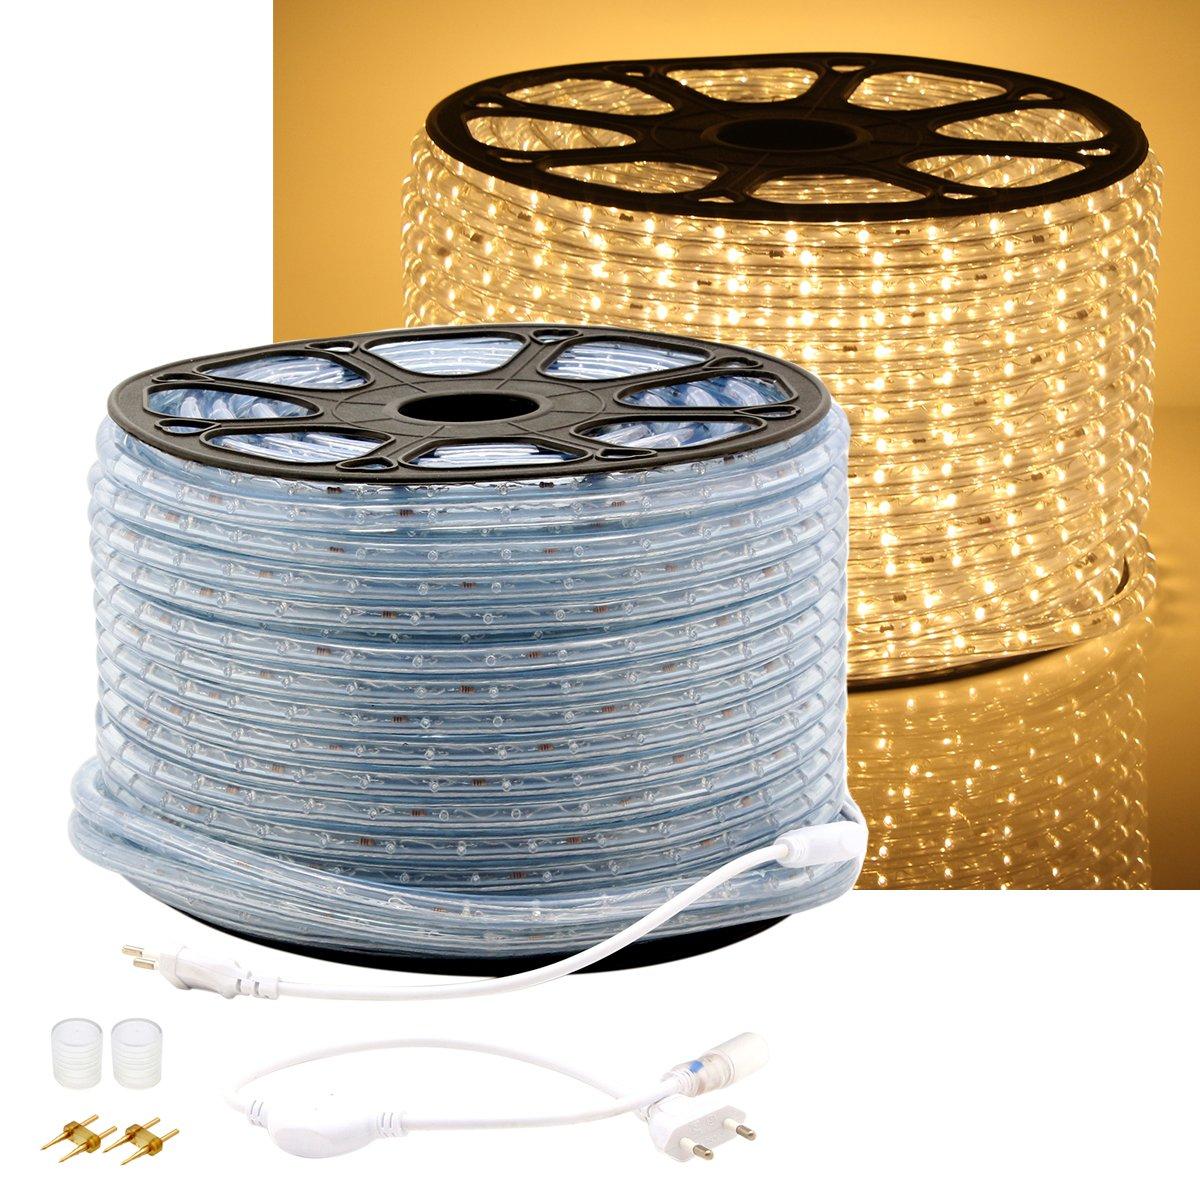 Lichtschlauch Lichterkette Licht Leiste LED Streifen Strip 36LEDs//M Schlauch f/ür Innen und Au/ßen IP65 Warmwei/ß GreenSun LED Lighting LED Lichterschlauch 20M